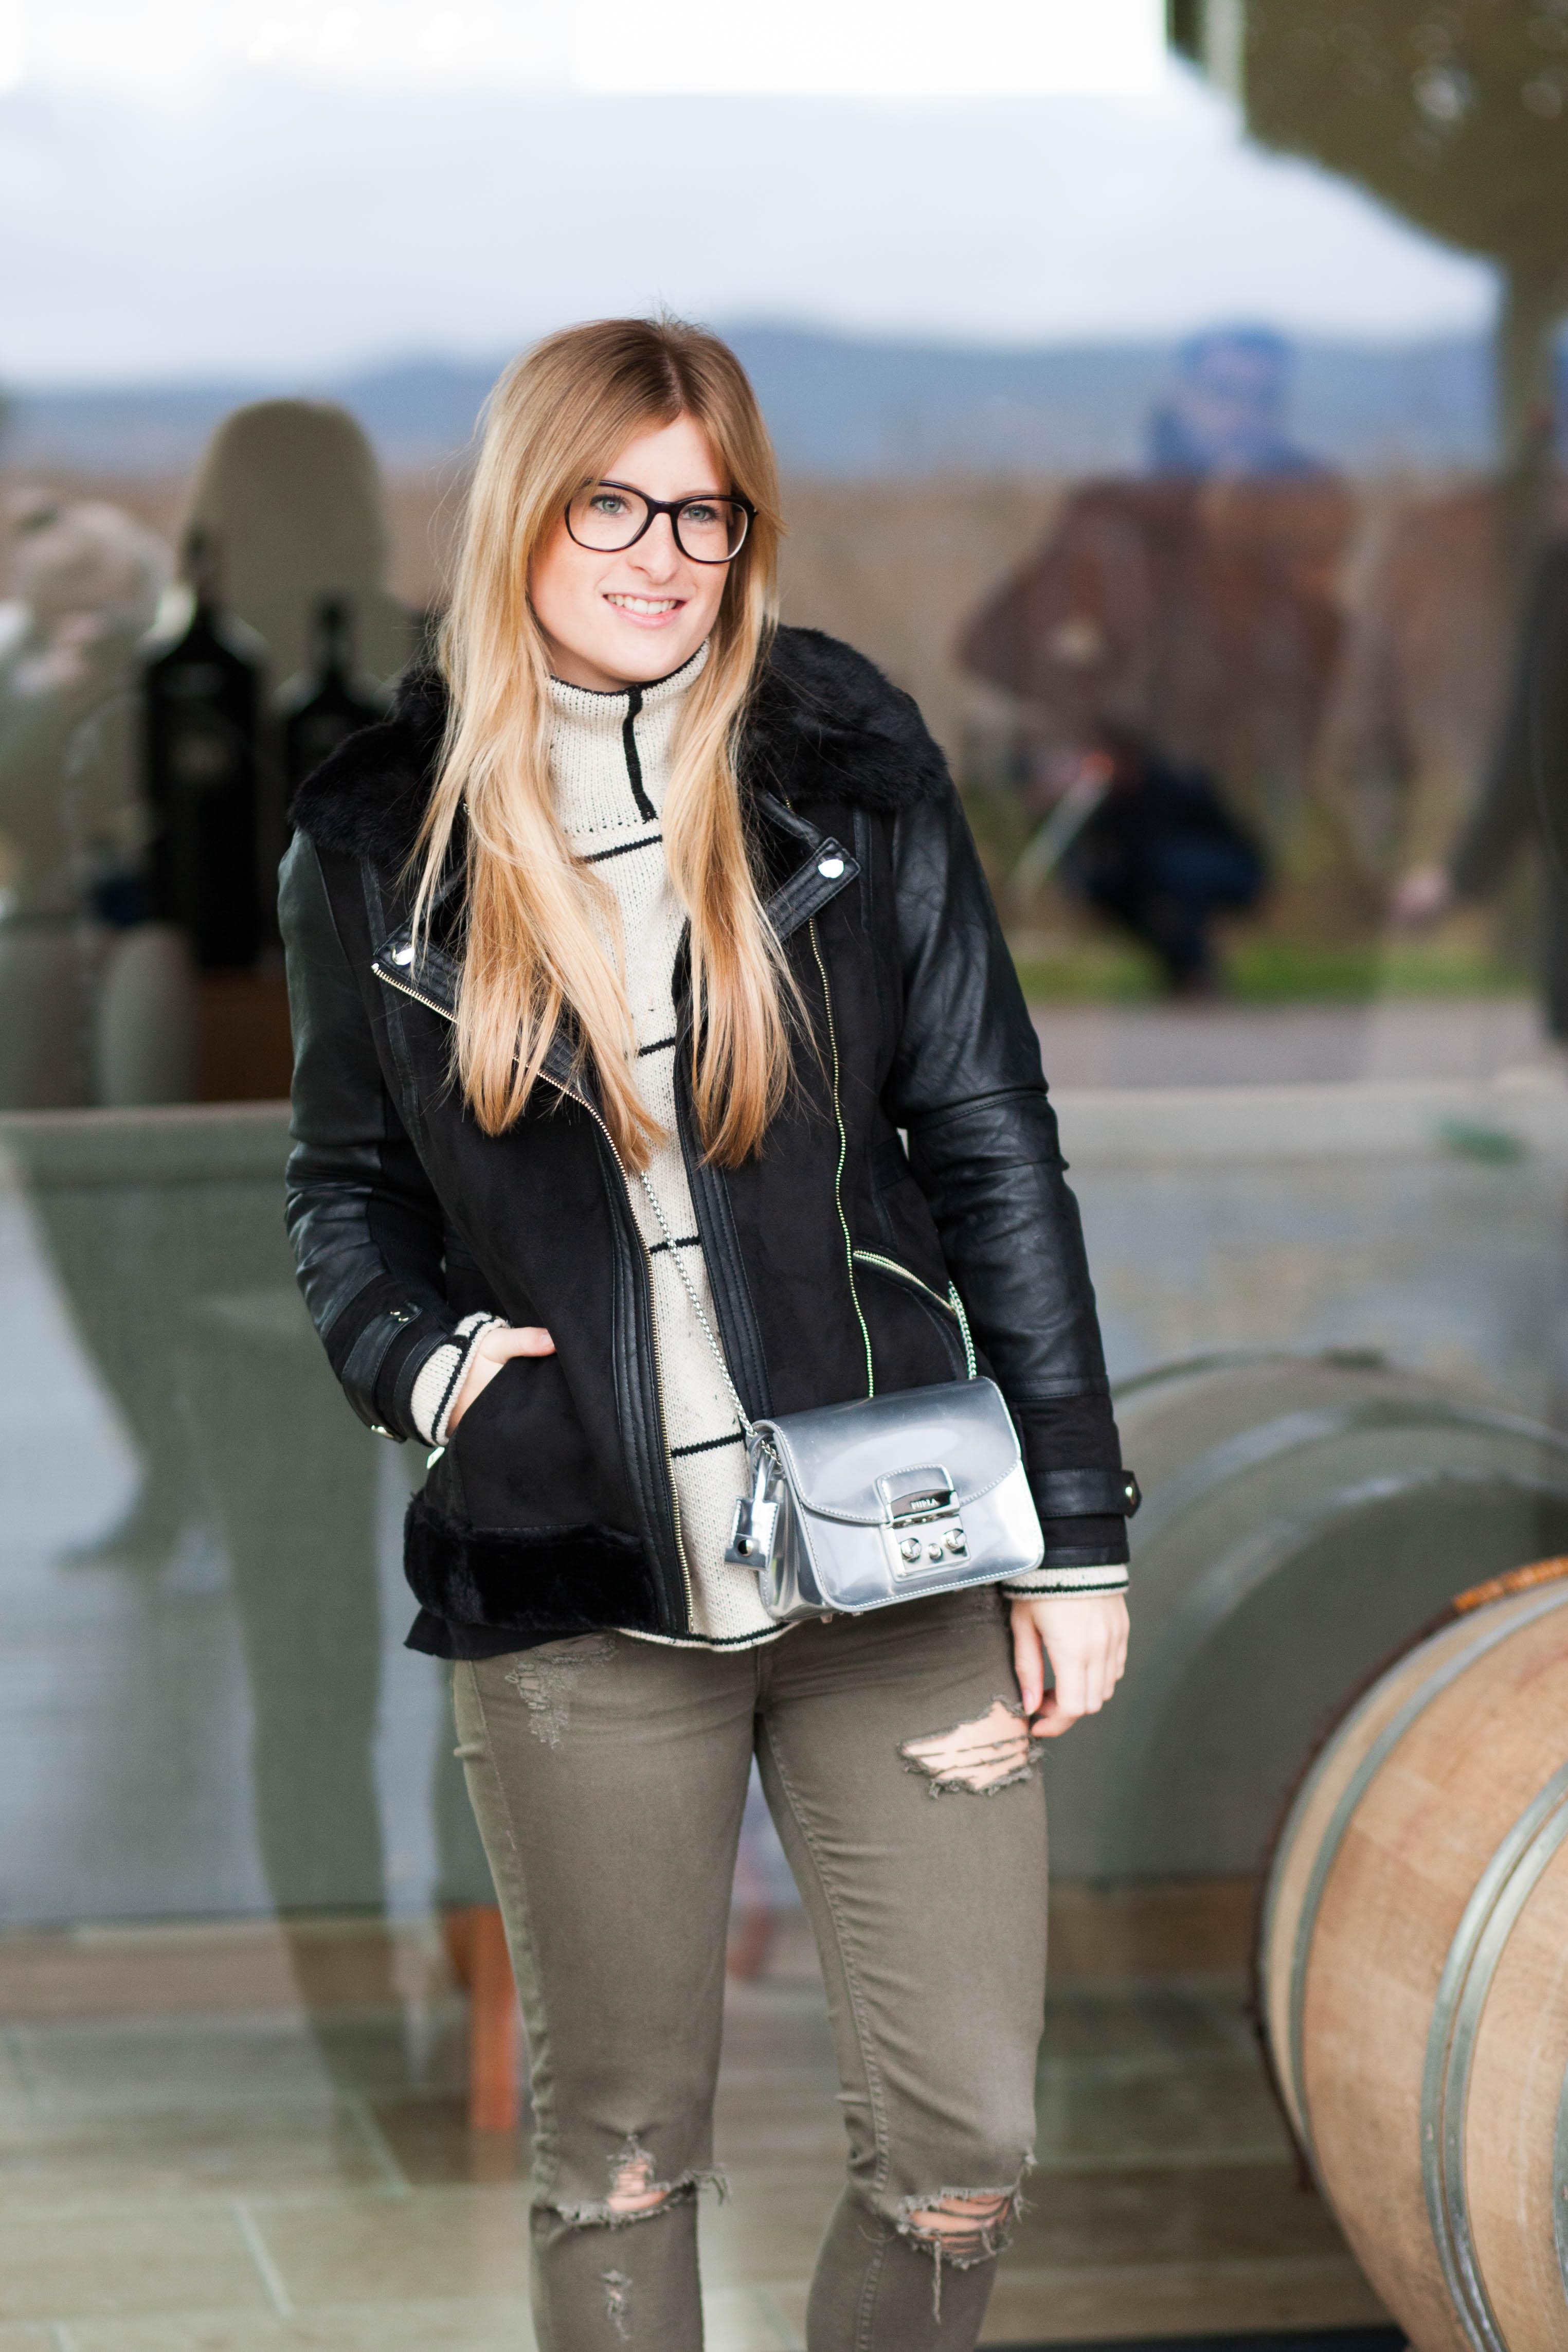 Mercure Weinlese Reiseblog Weinprobe Mercure Mannheim Blogger BrinisFashionBook